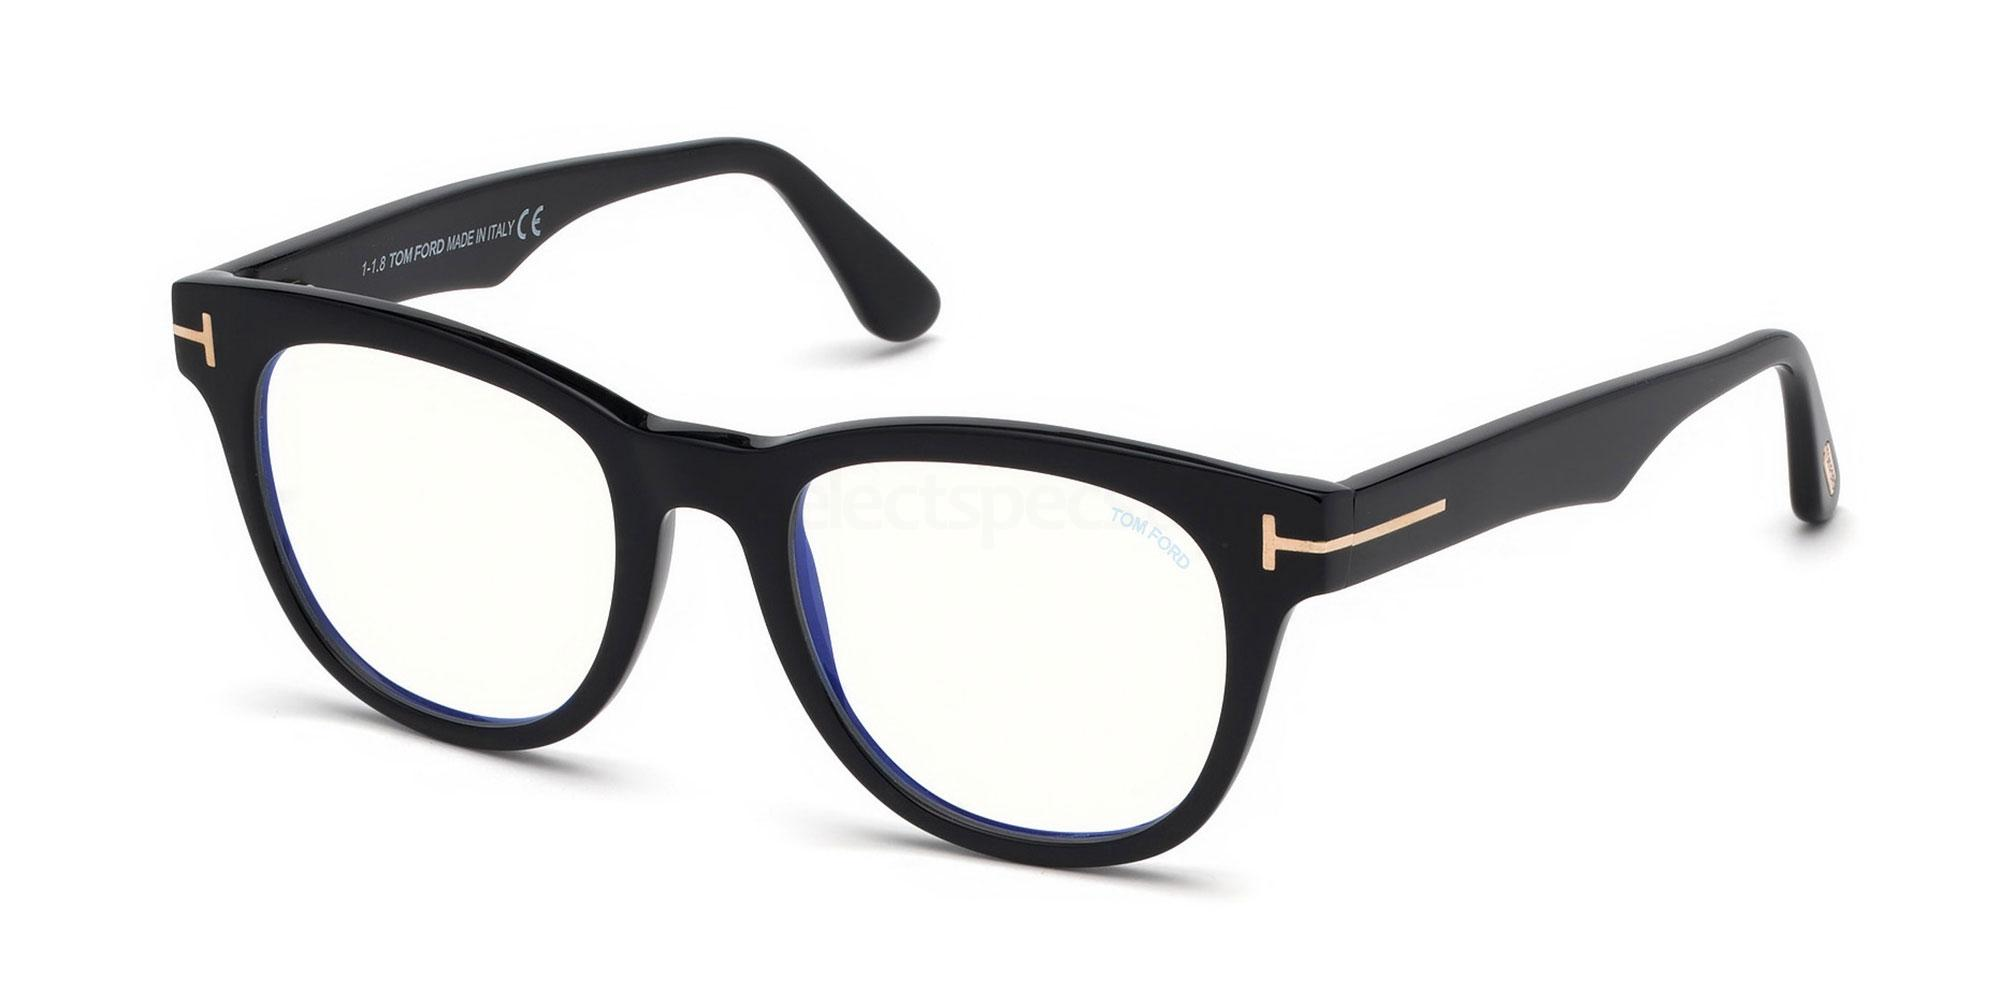 001 FT5560-B Glasses, Tom Ford